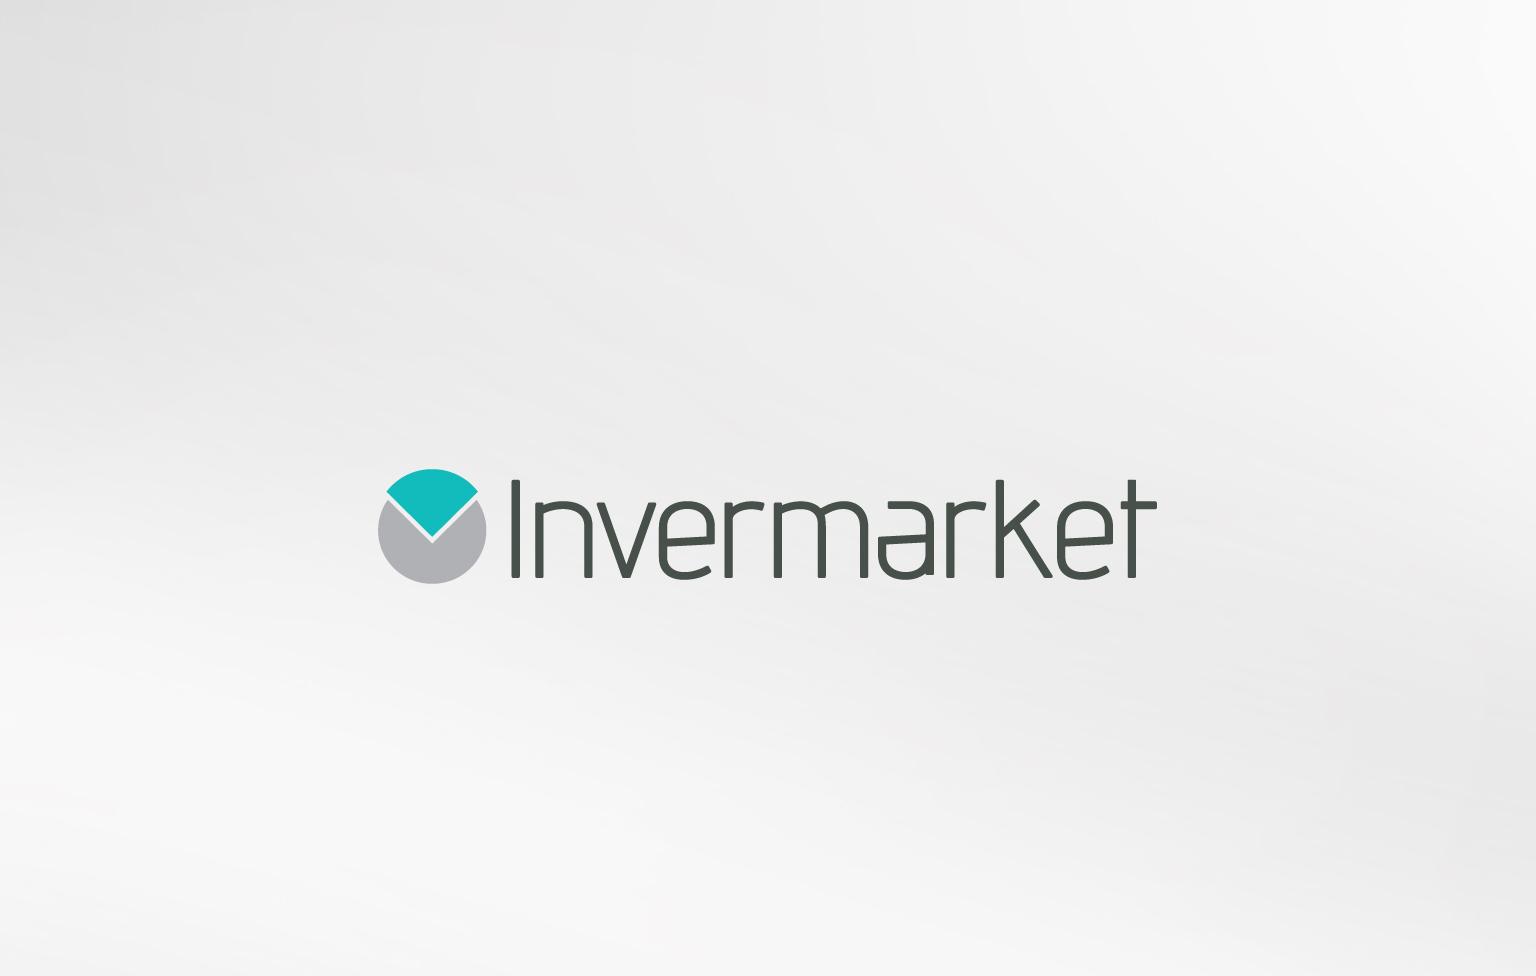 Invermarket